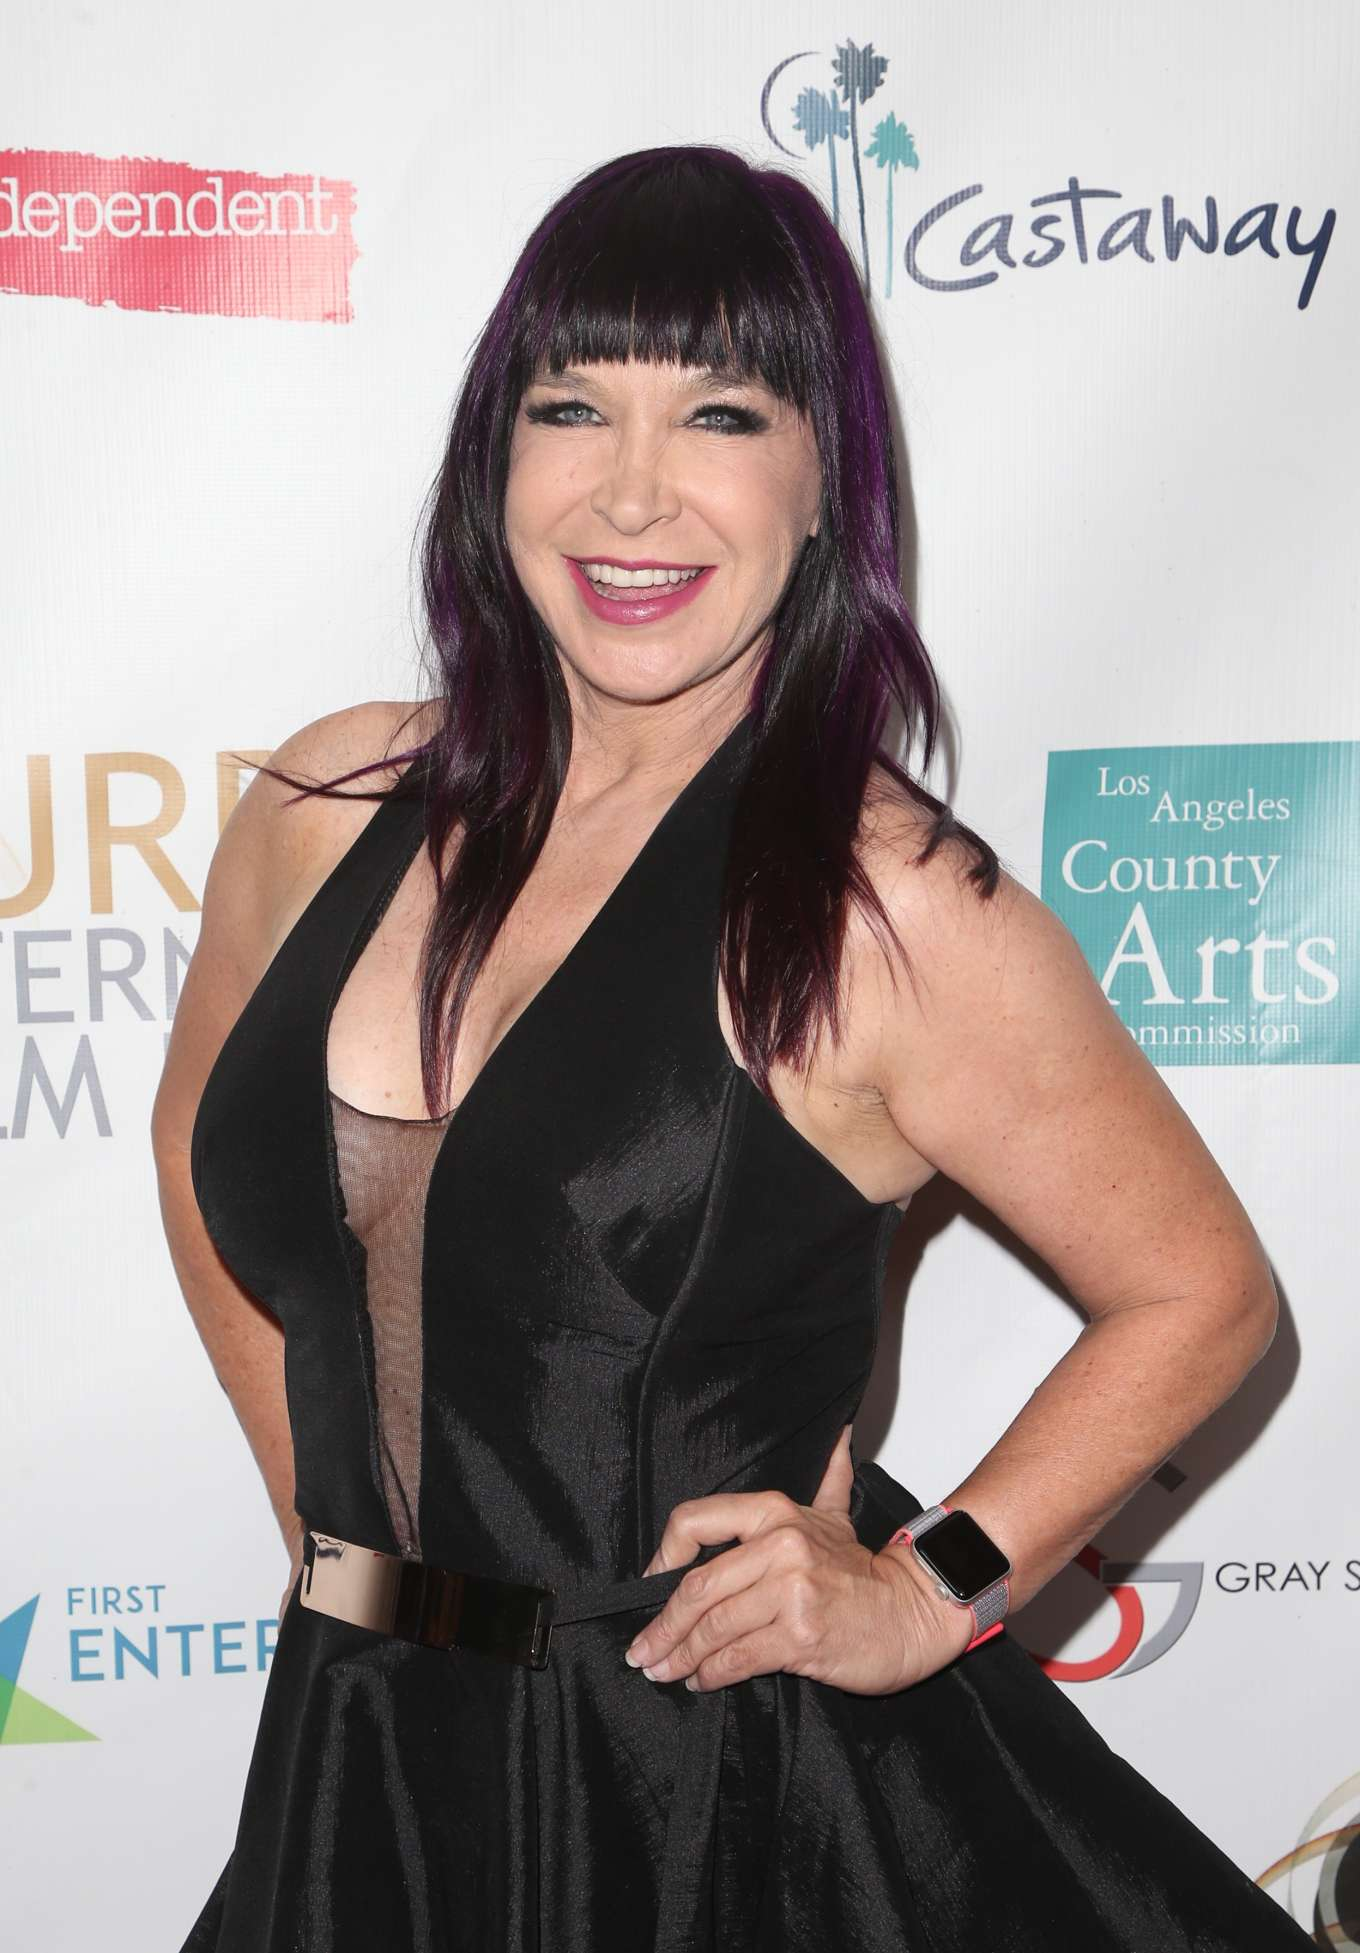 Cynthia Rothrock - 11th Annual Burbank International Film Festival Opening Night in Burbank